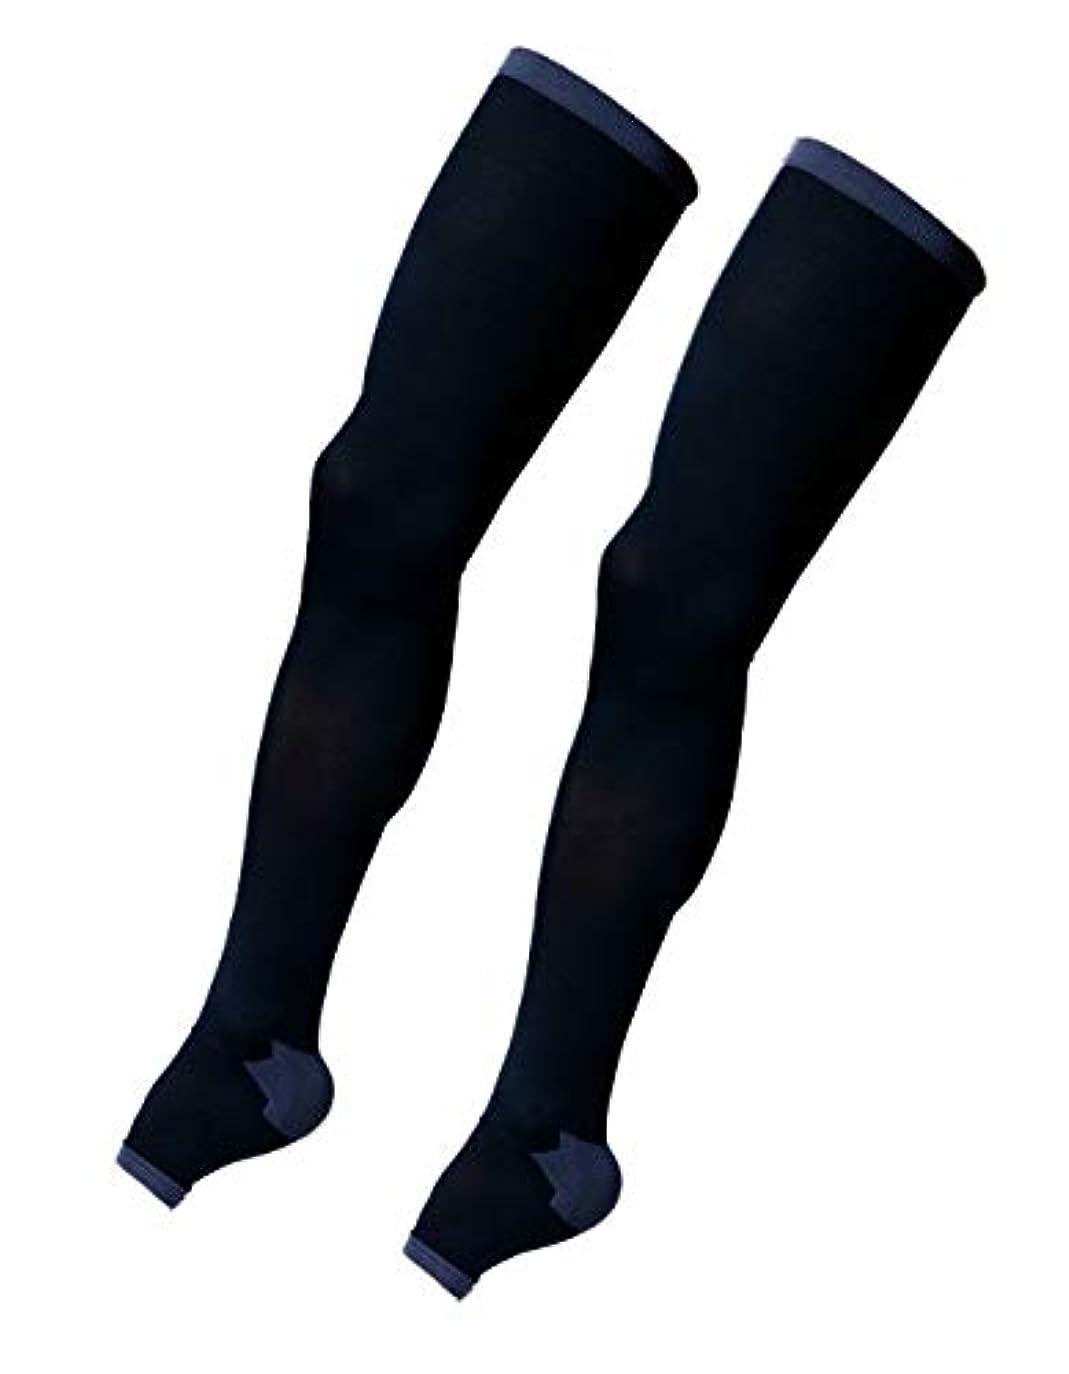 磁石シリーズ三角形男性専用脚すっきり対策オープントゥ着圧ソックス 膝上 LONG M-L 順天堂大学客員教授推奨